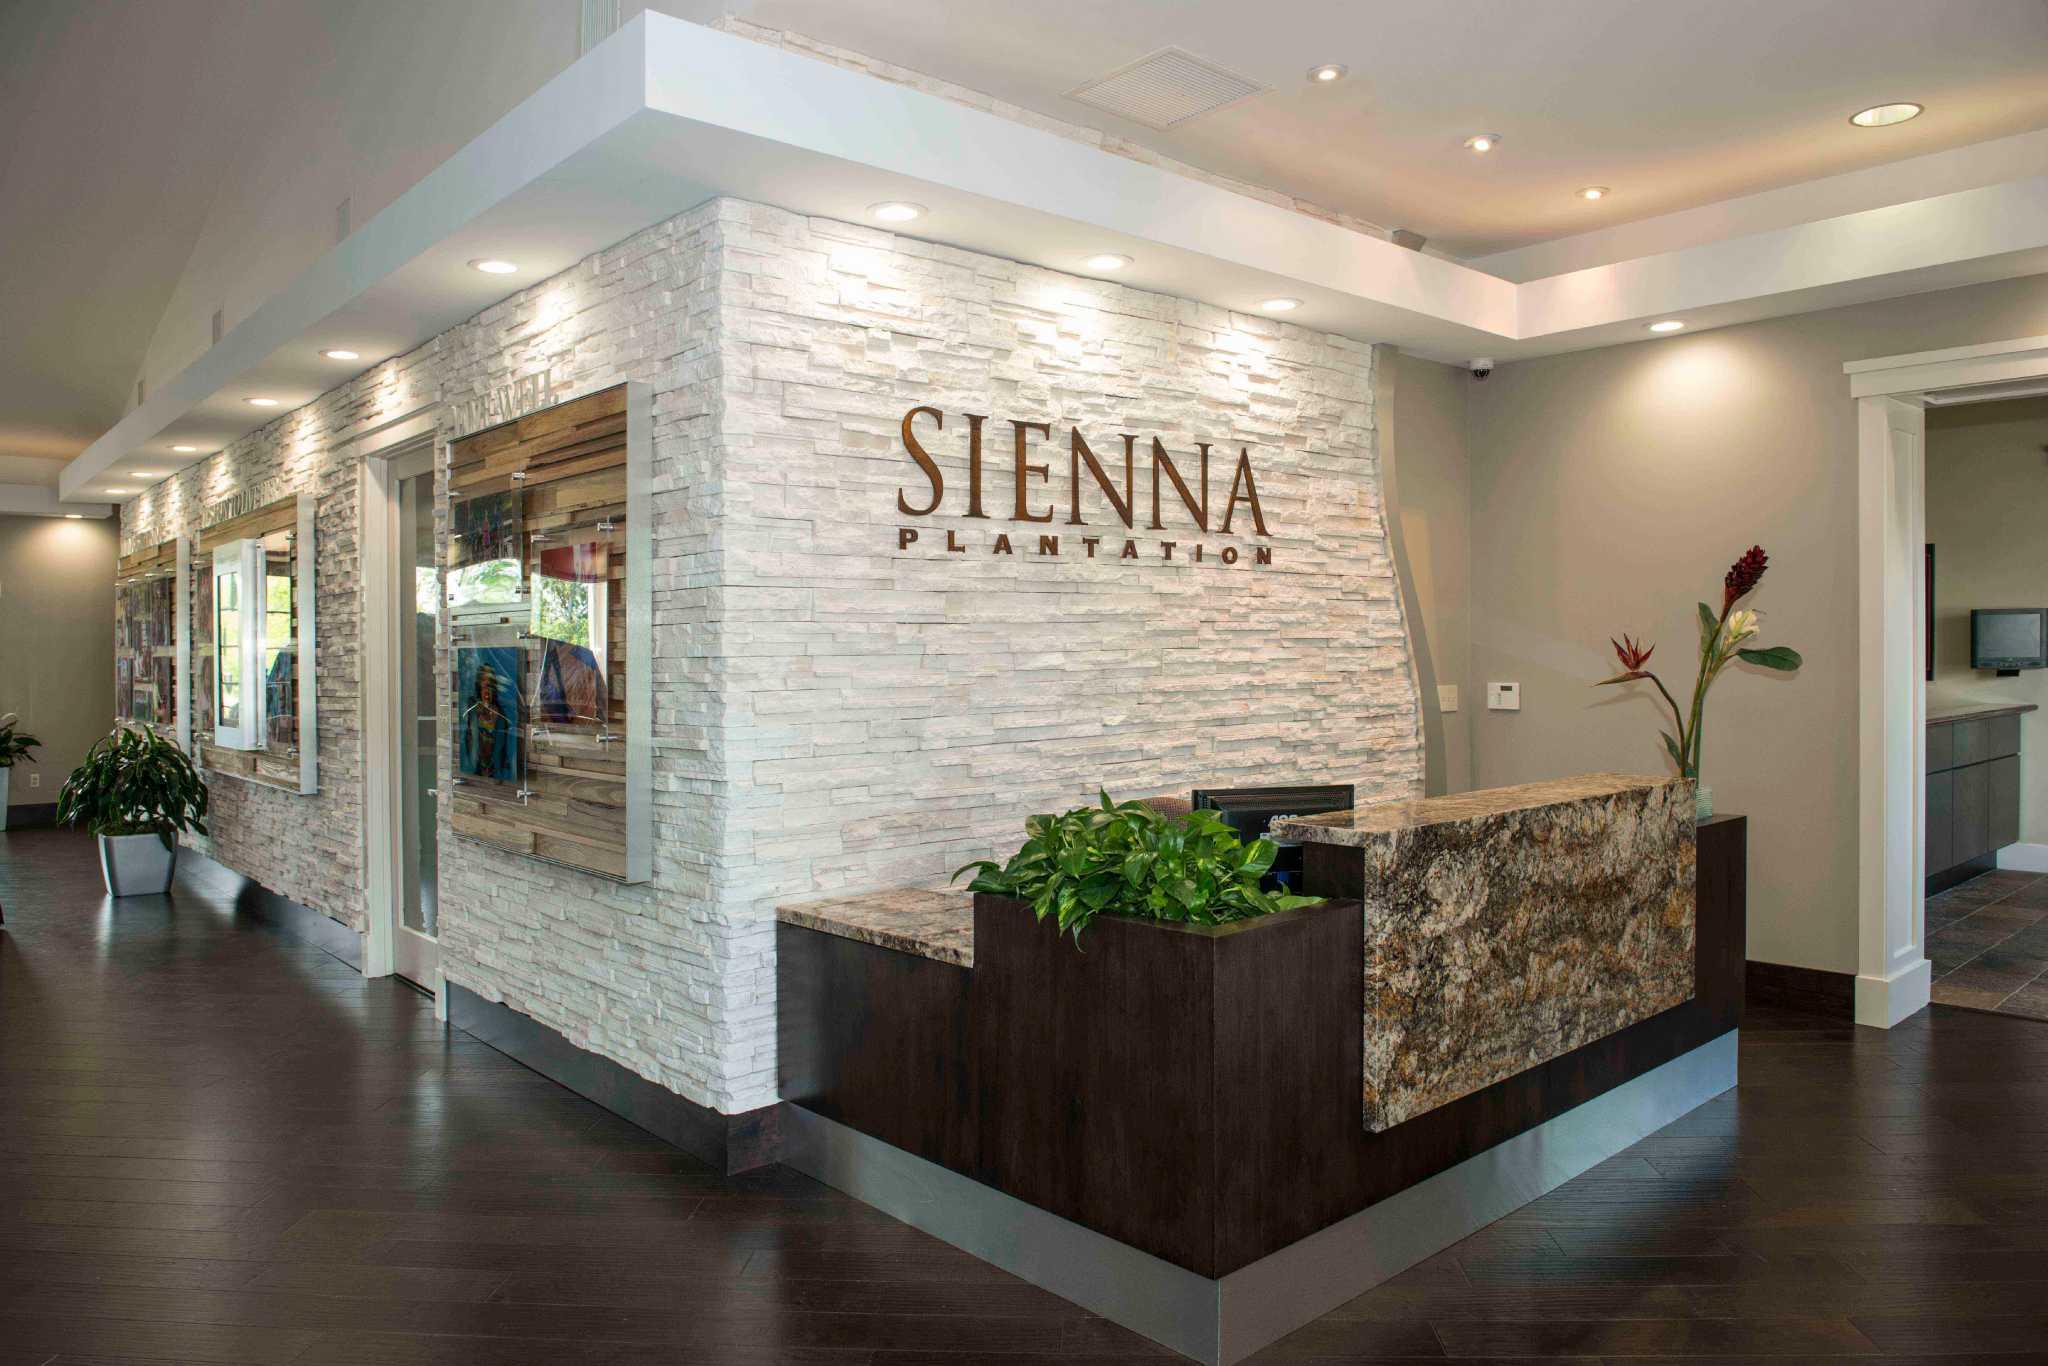 Sienna Plantation unveils remodeled Homefinder Center ...